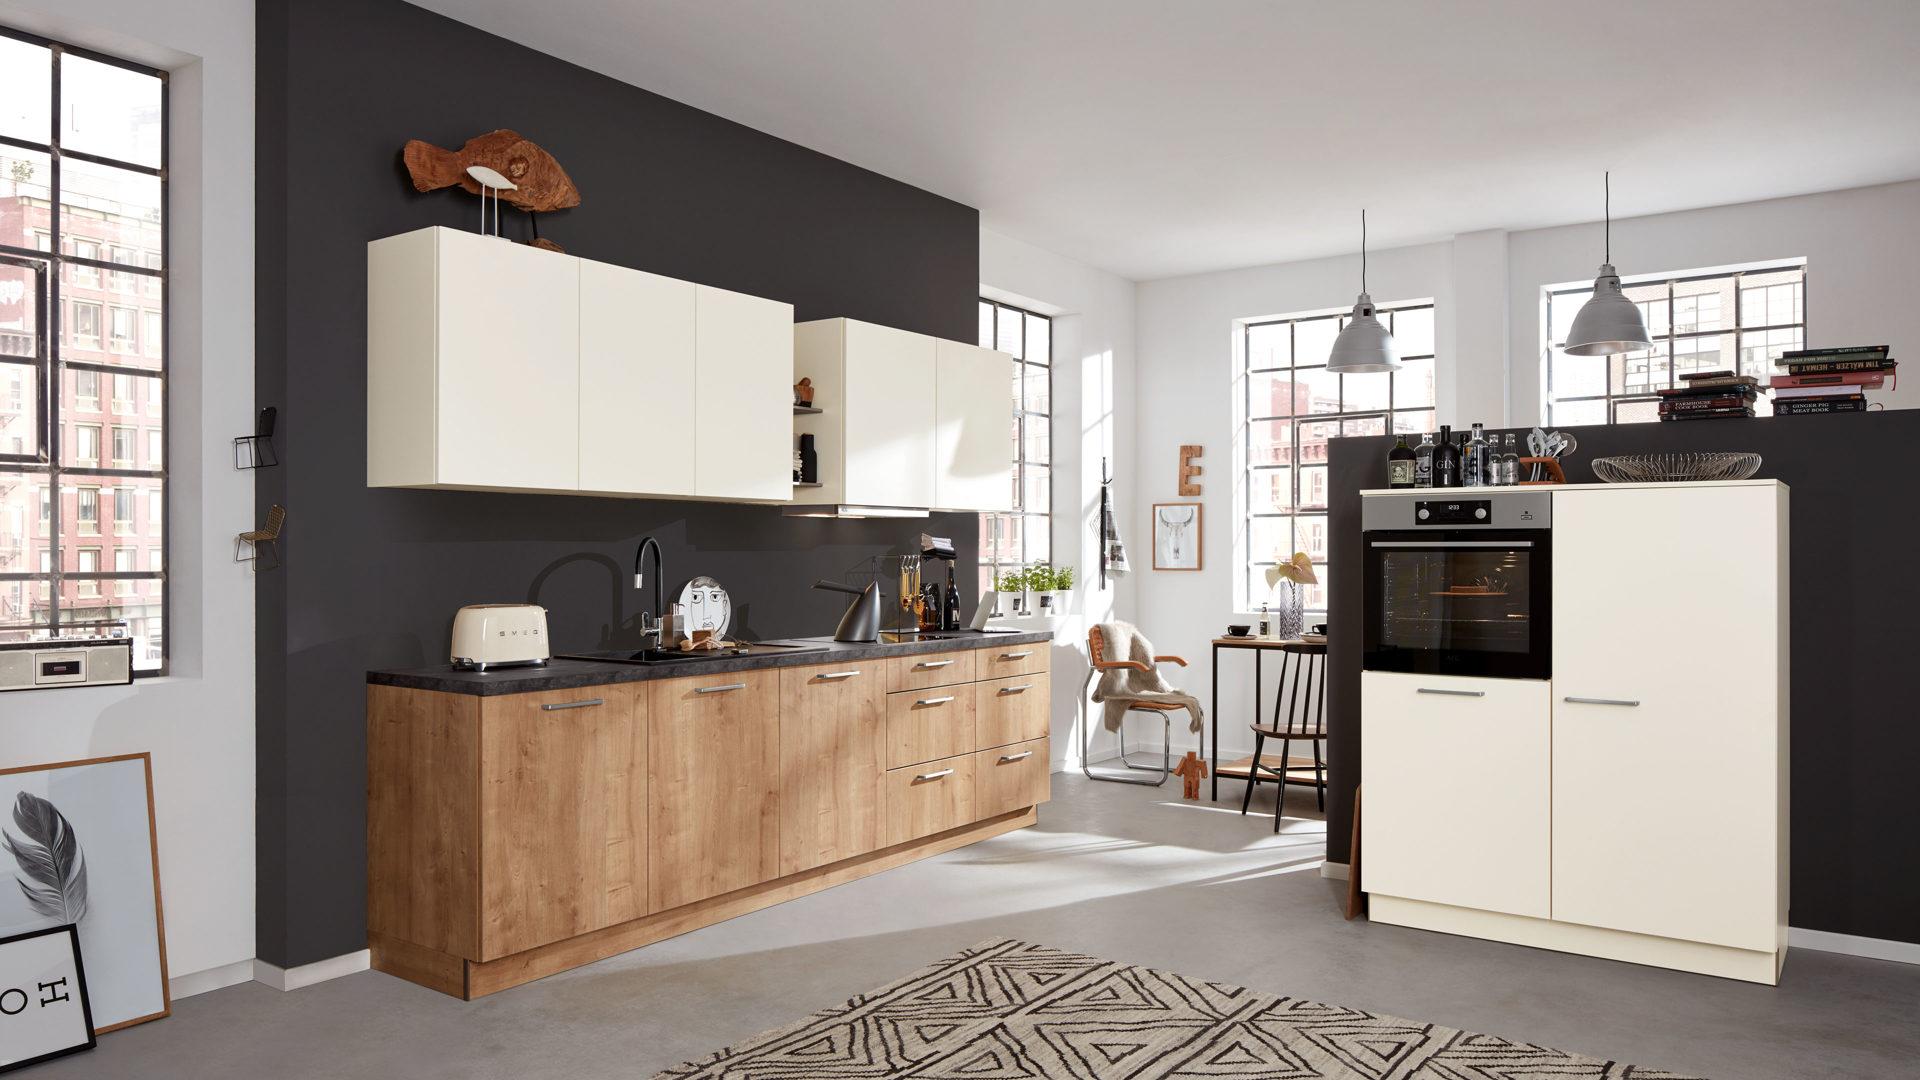 Interliving Küche Serie 19 mit AEG Einbaugeräten, Magnolie- & Chaleteiche  – zweizeilig